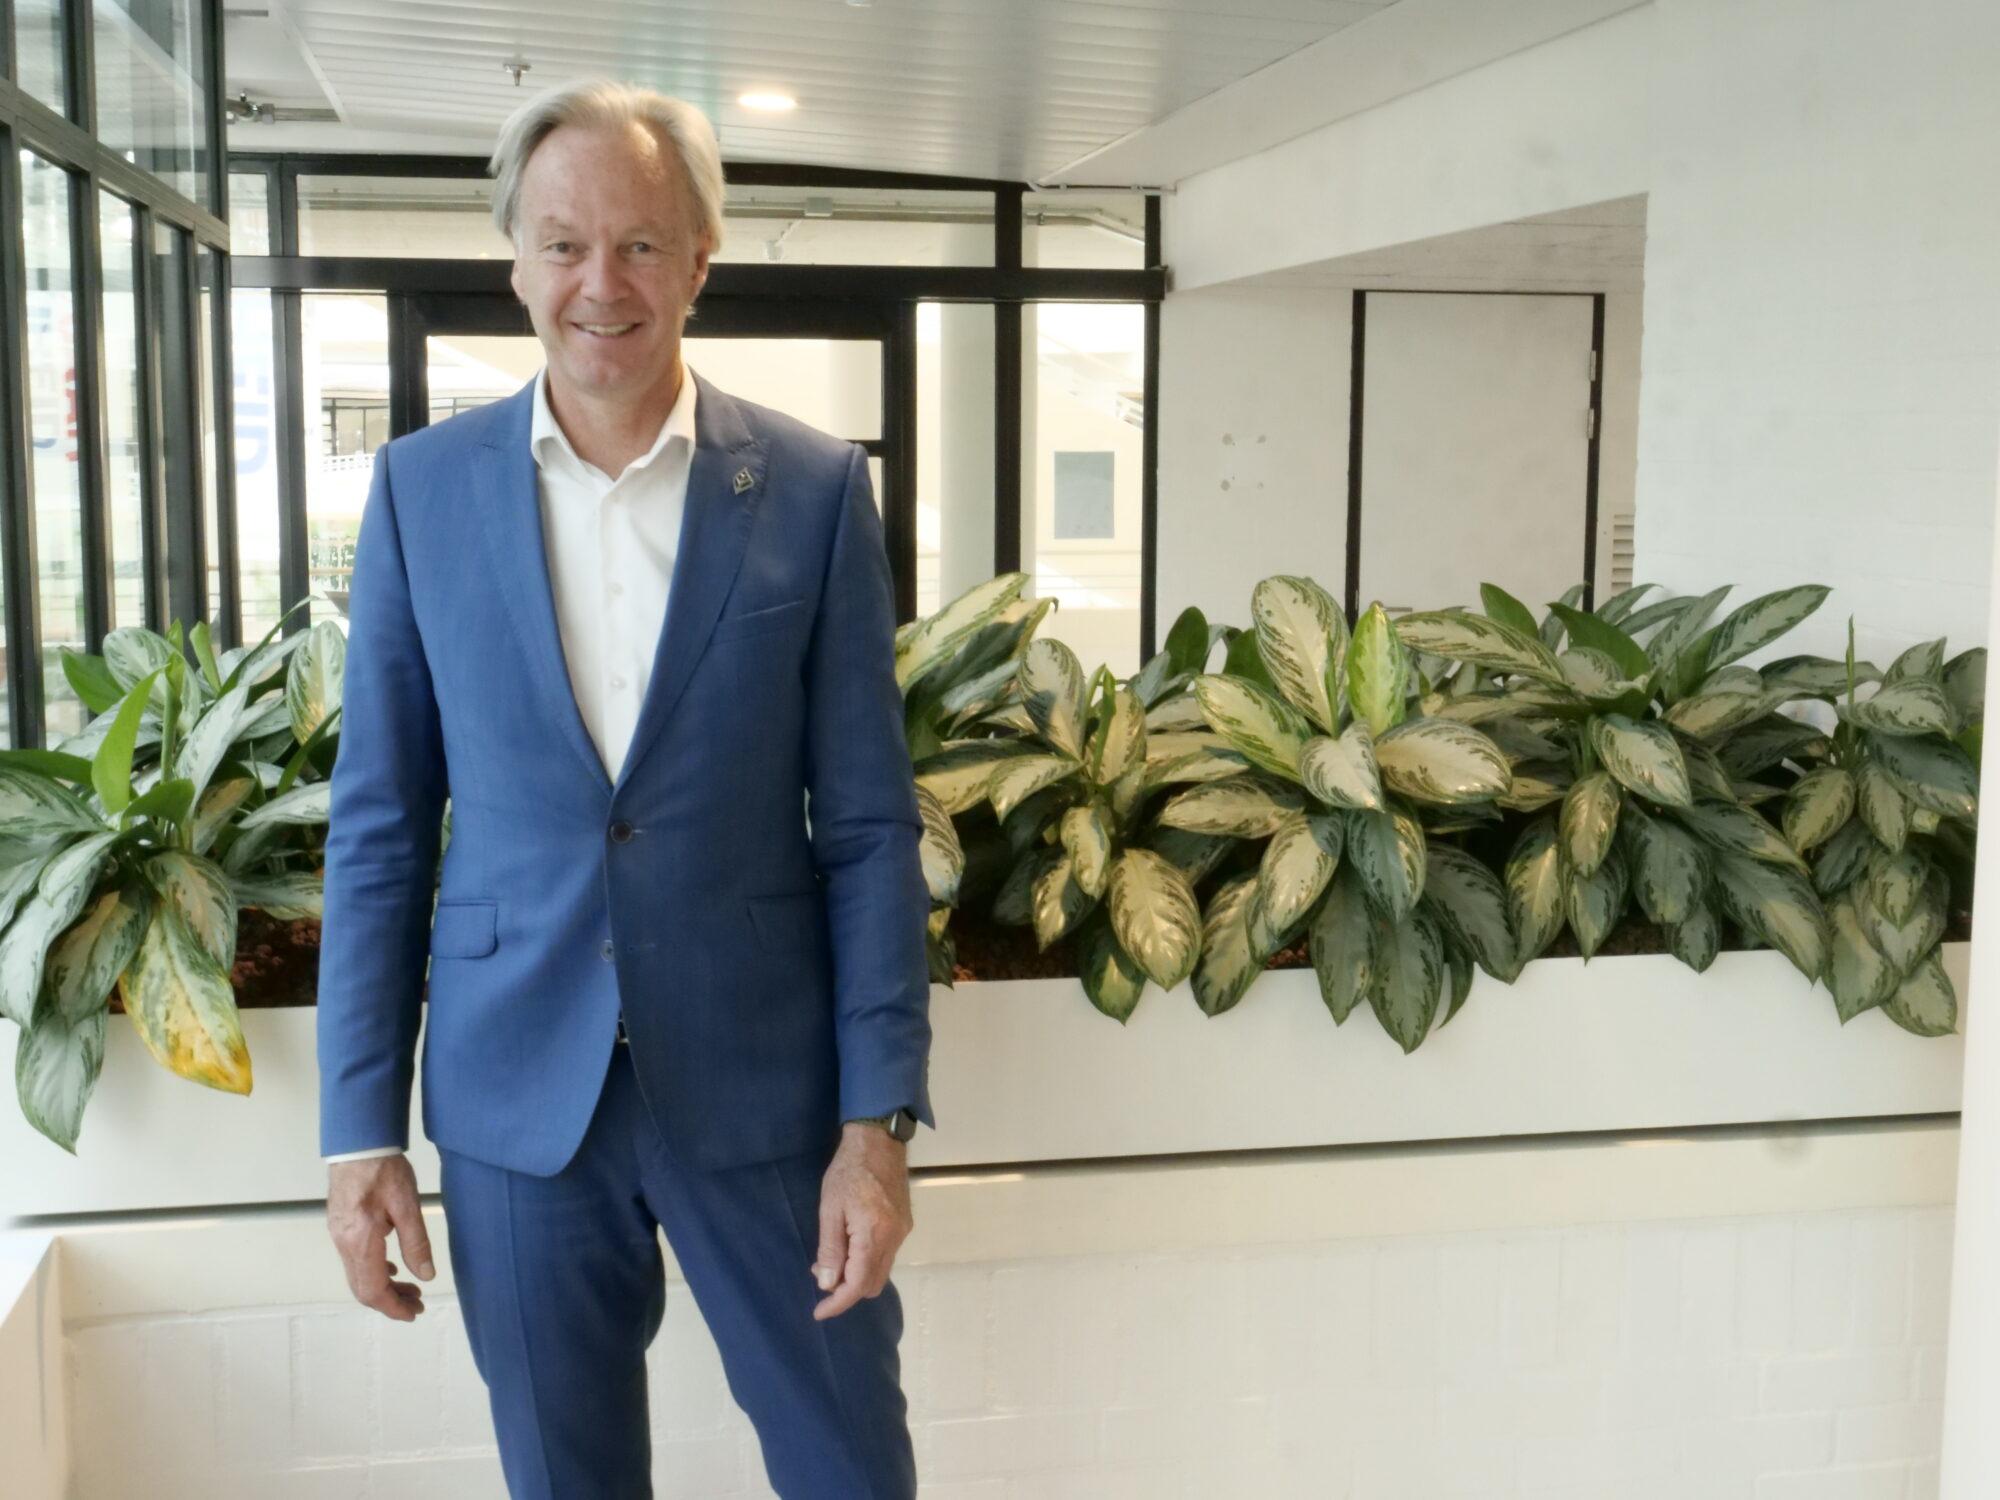 Wethouder Jeroen Joon: 'Samen komen we uit deze crisis'